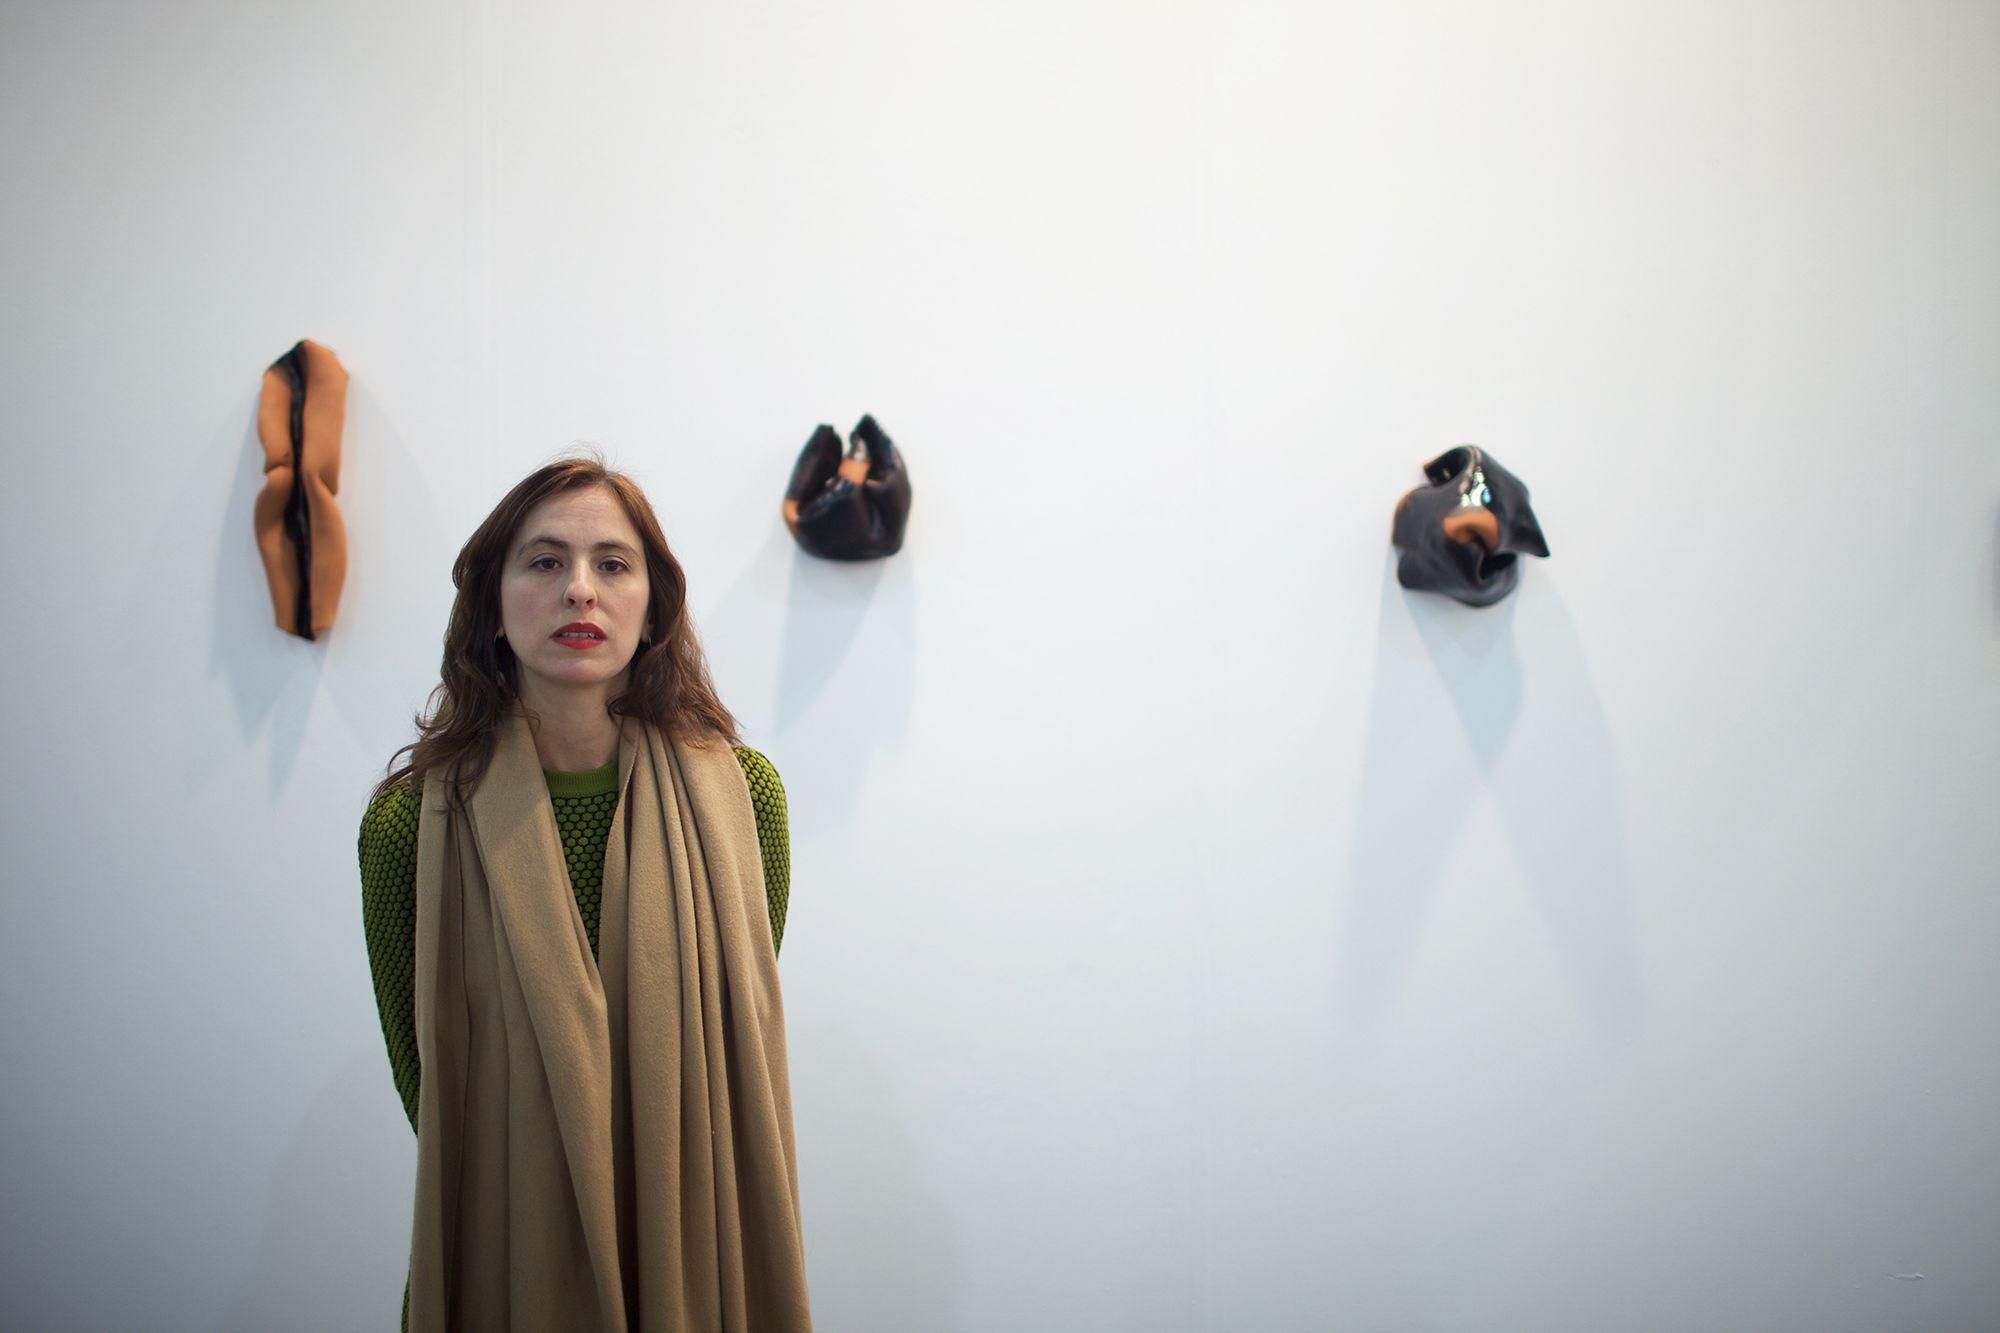 Fotografia Lucía Pizzani muestra sus formas Límbicas